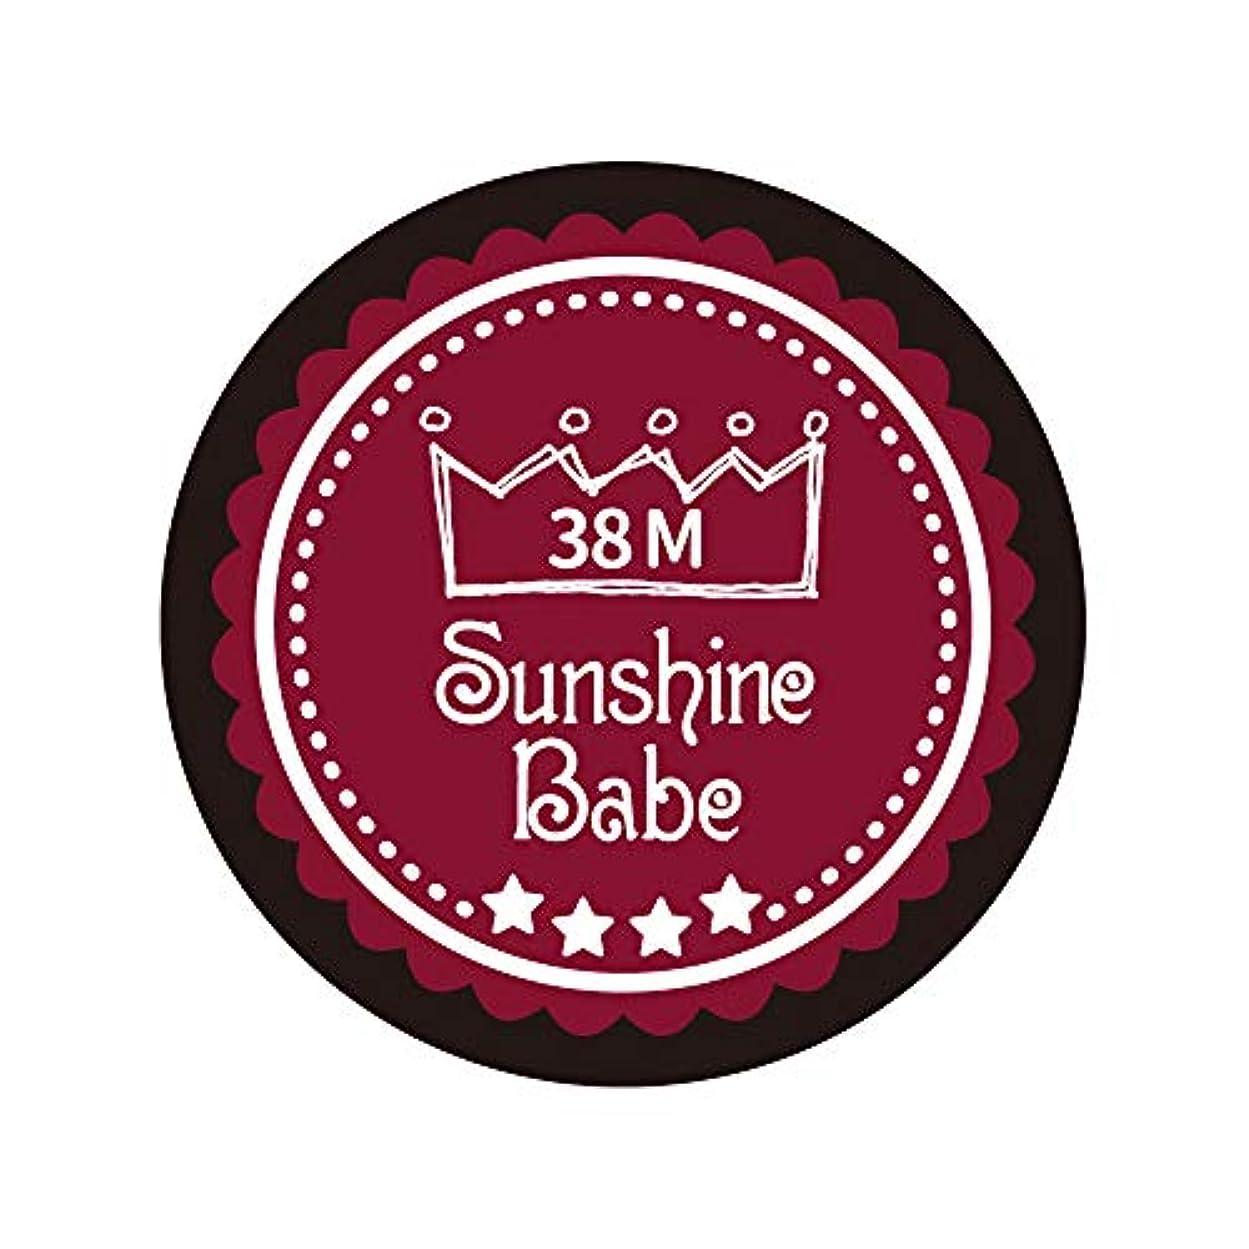 おじさん近代化エネルギーSunshine Babe カラージェル 38M レッドペア 2.7g UV/LED対応